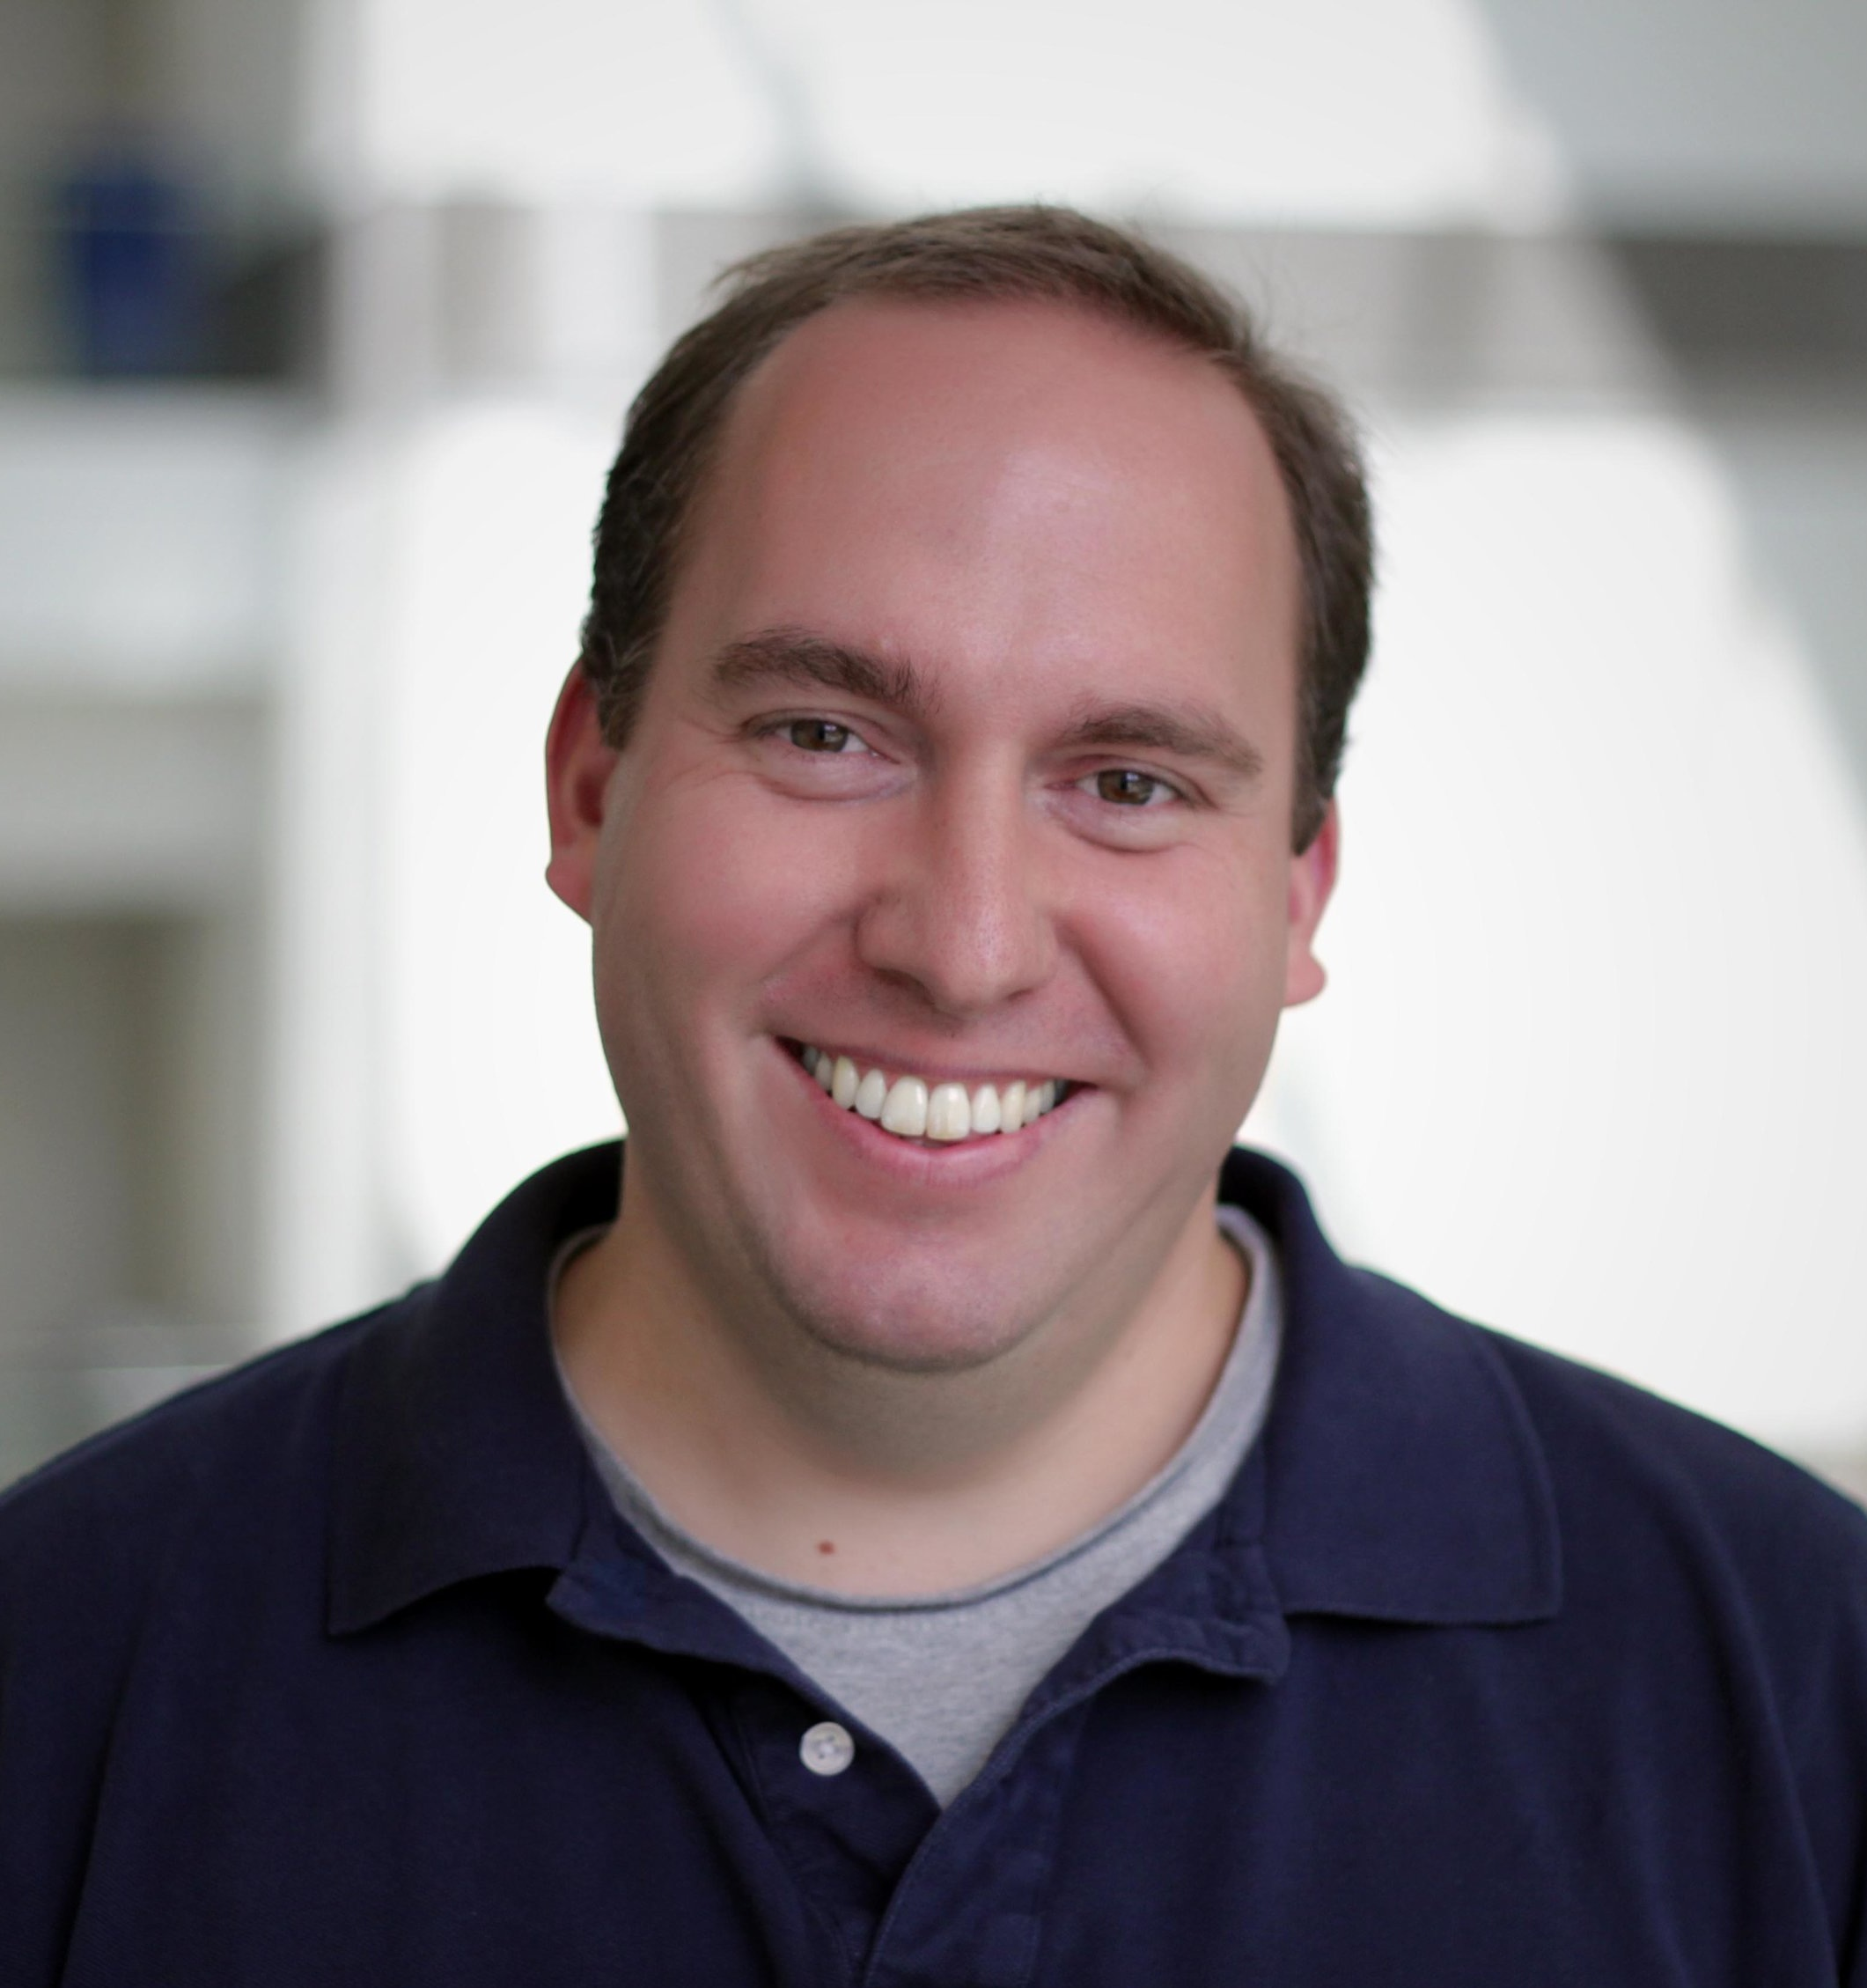 Ben Allen, Associate Professor Cell & Developmental Biology